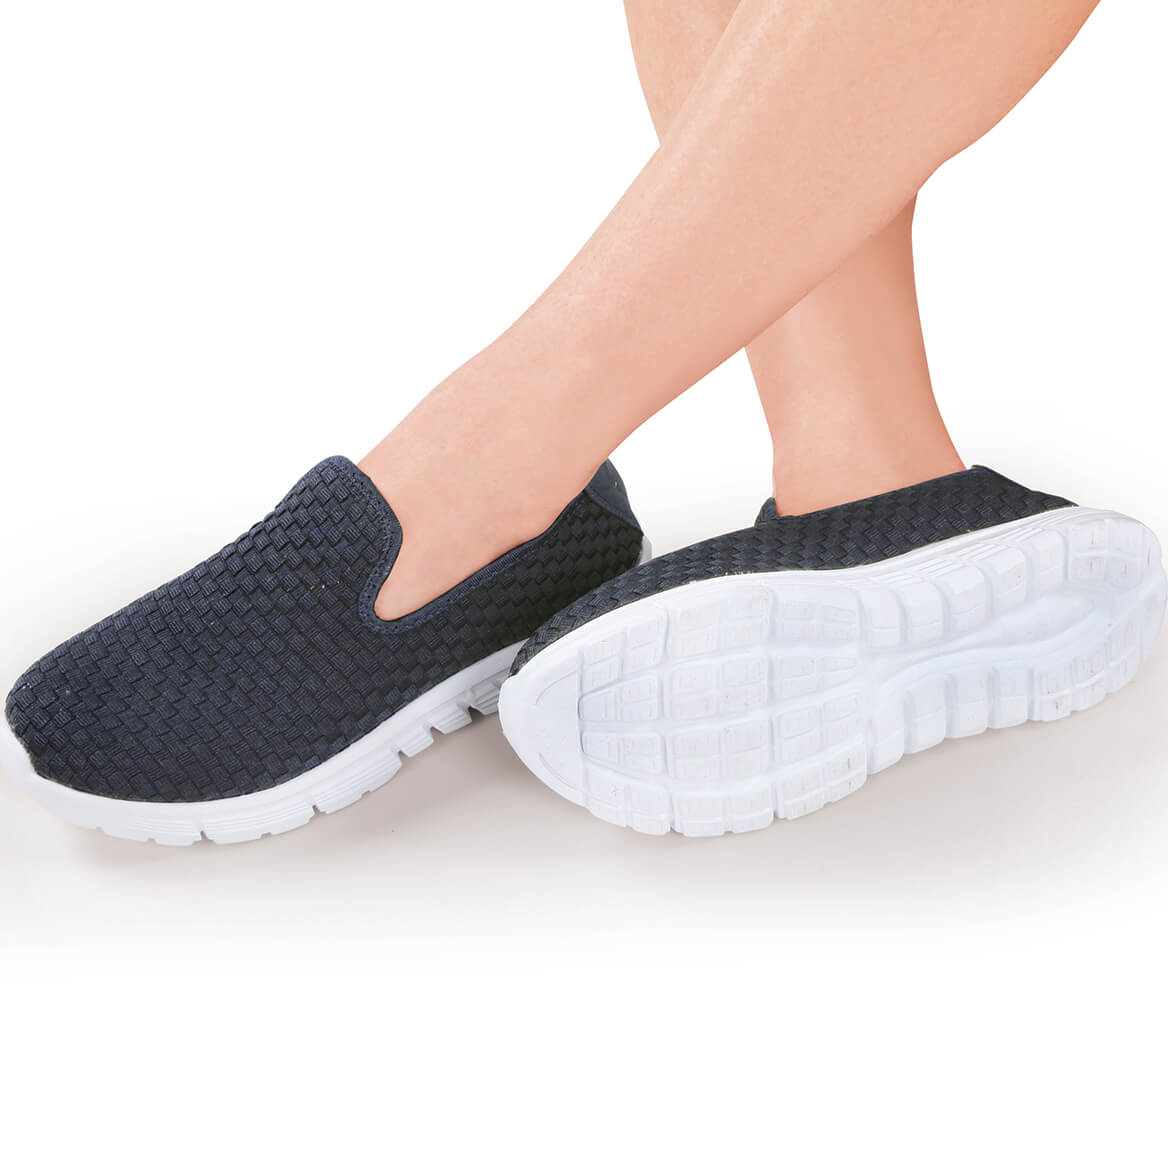 Woven Comfort Sneakers Ladies-369923